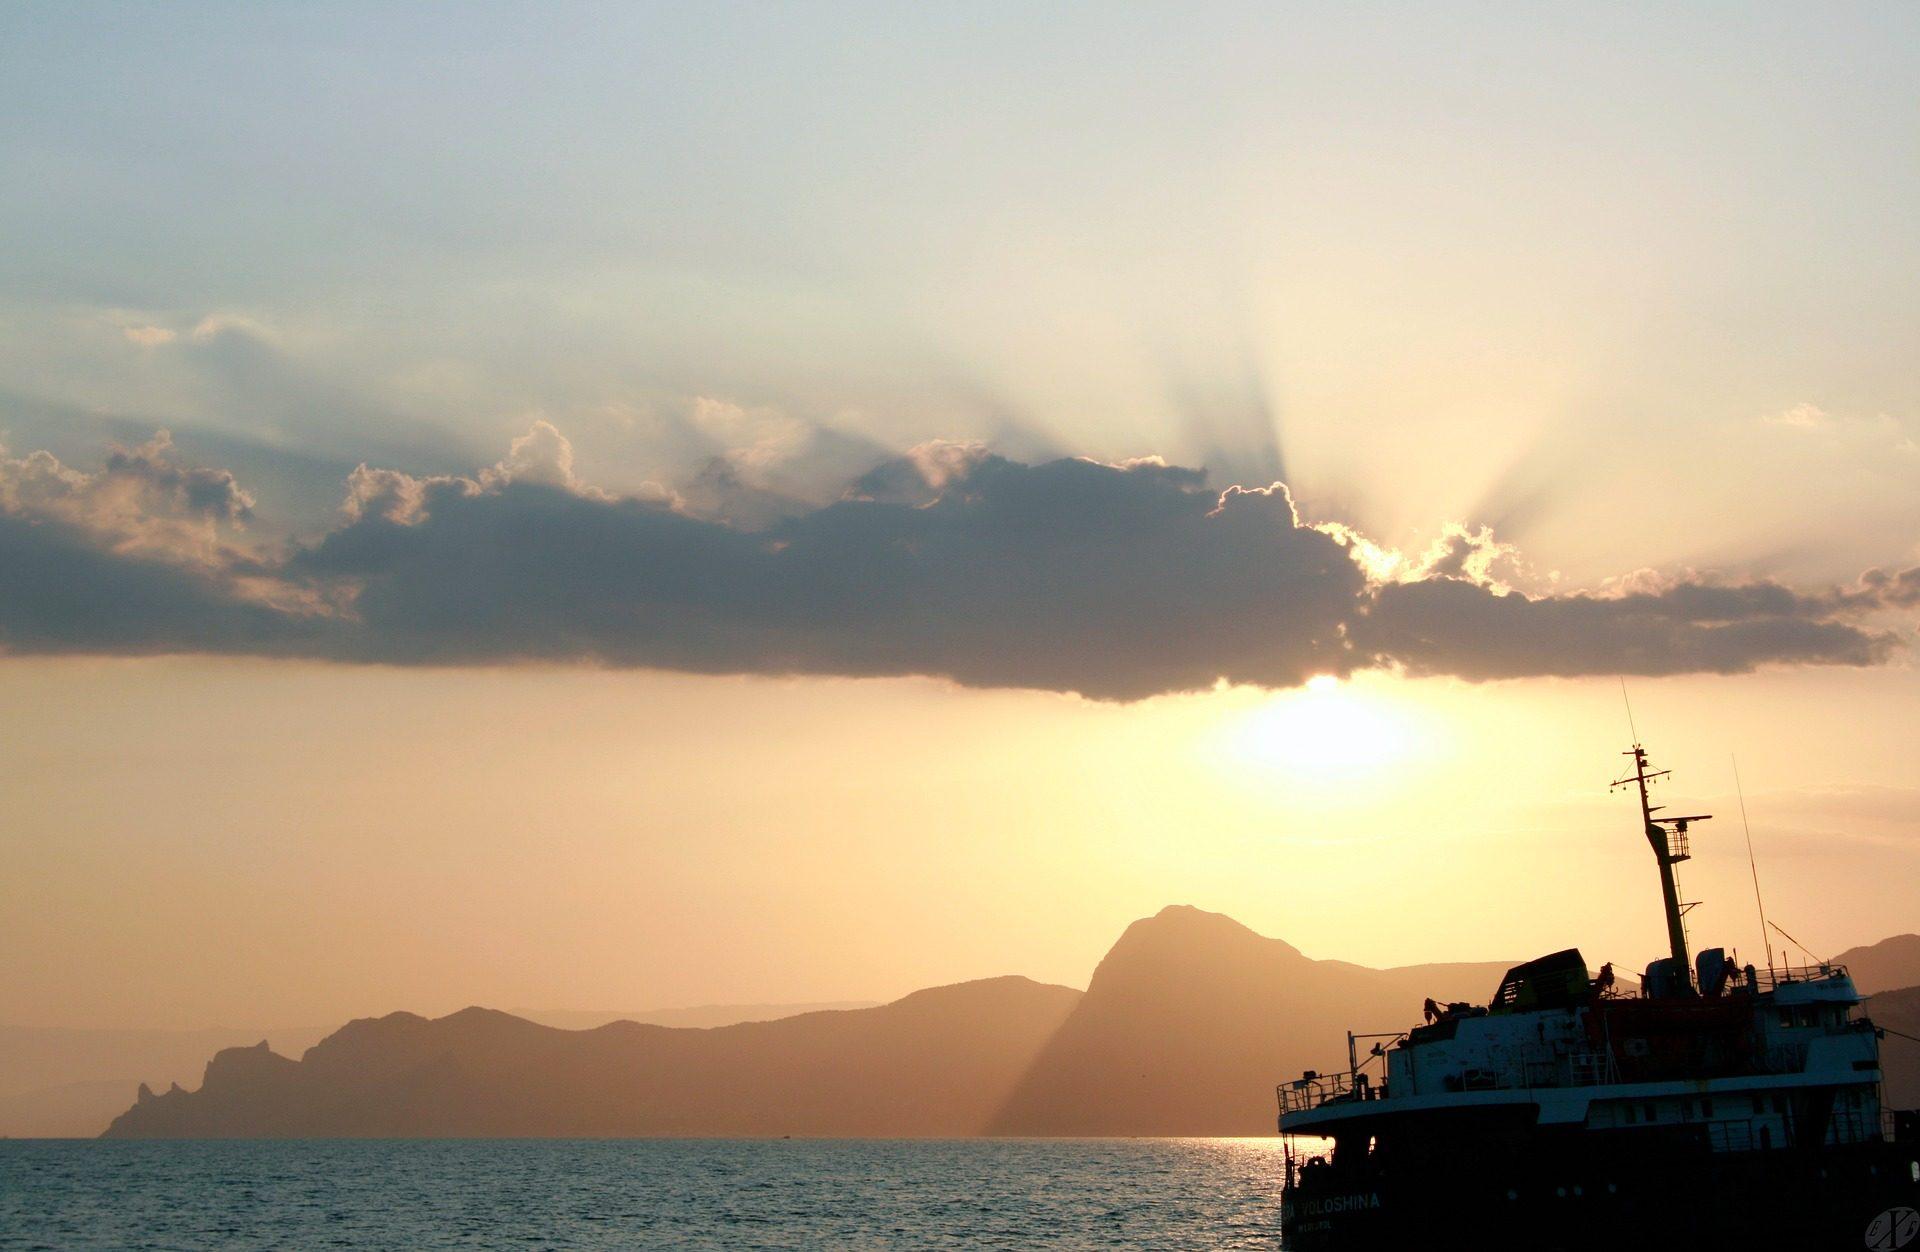 barca, Montañas, Mare, nuvole, Sole, raggi - Sfondi HD - Professor-falken.com